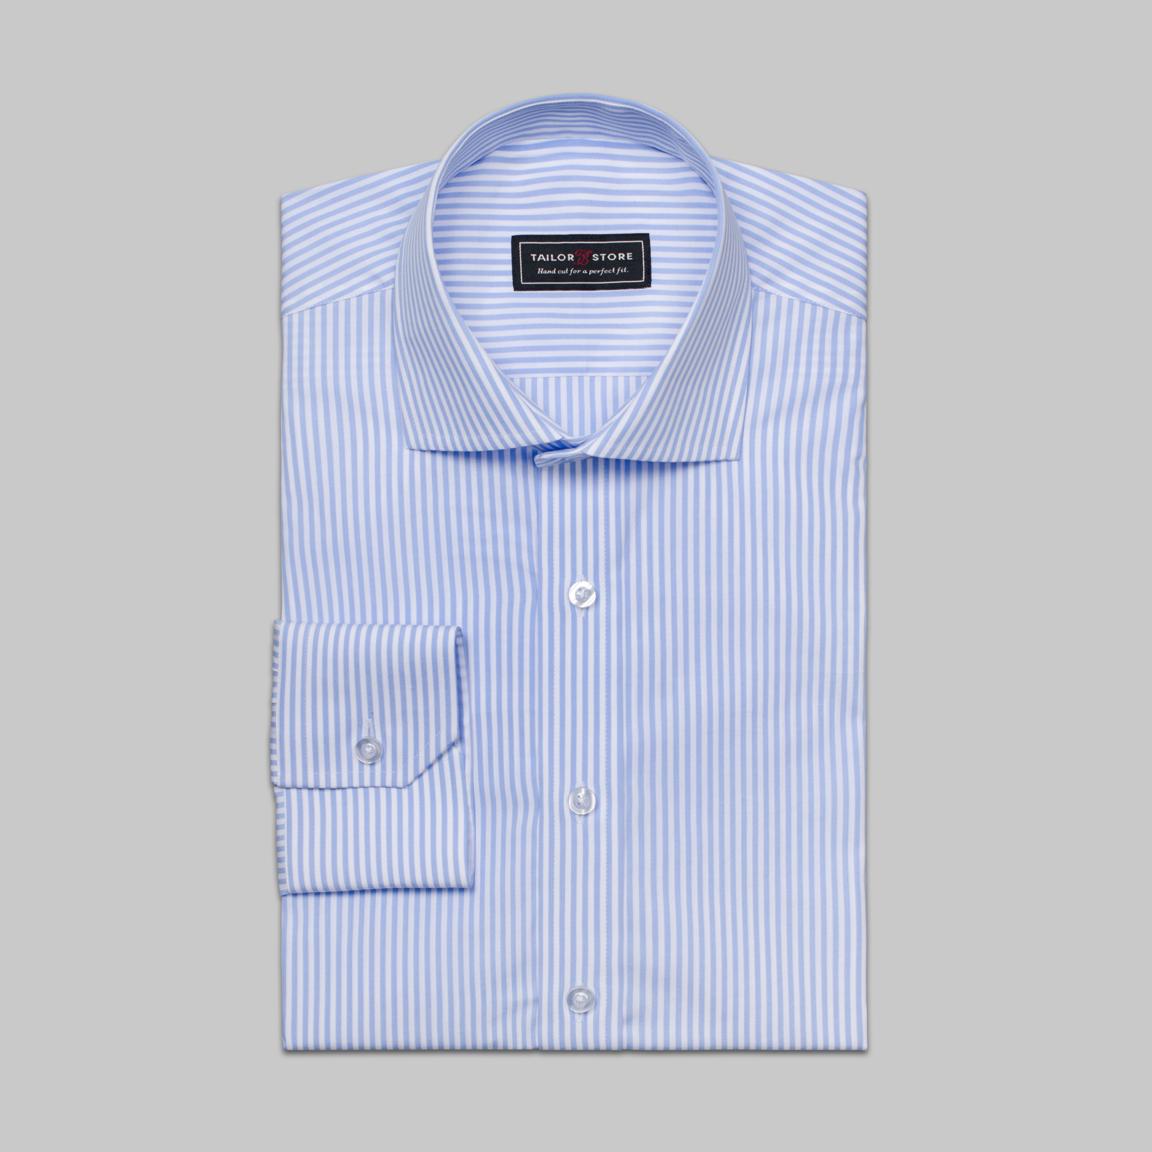 Gestreept overhemd in lichtblauw/wit